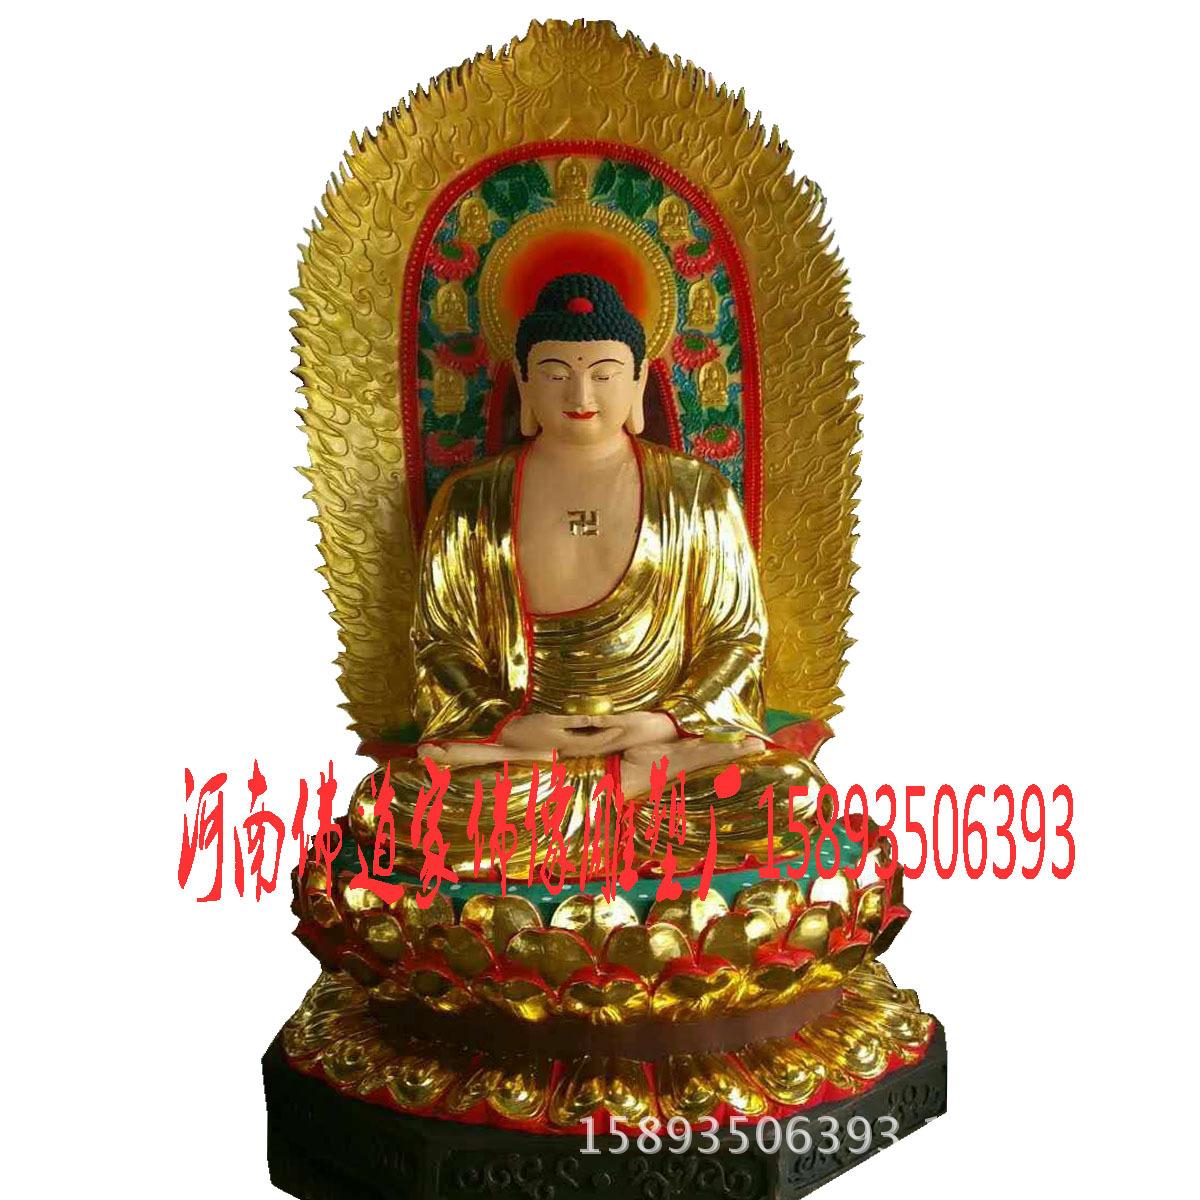 三宝佛祖像2.3米 释迦牟尼佛 琉璃药师佛 阿弥陀佛像 河南批发示例图1